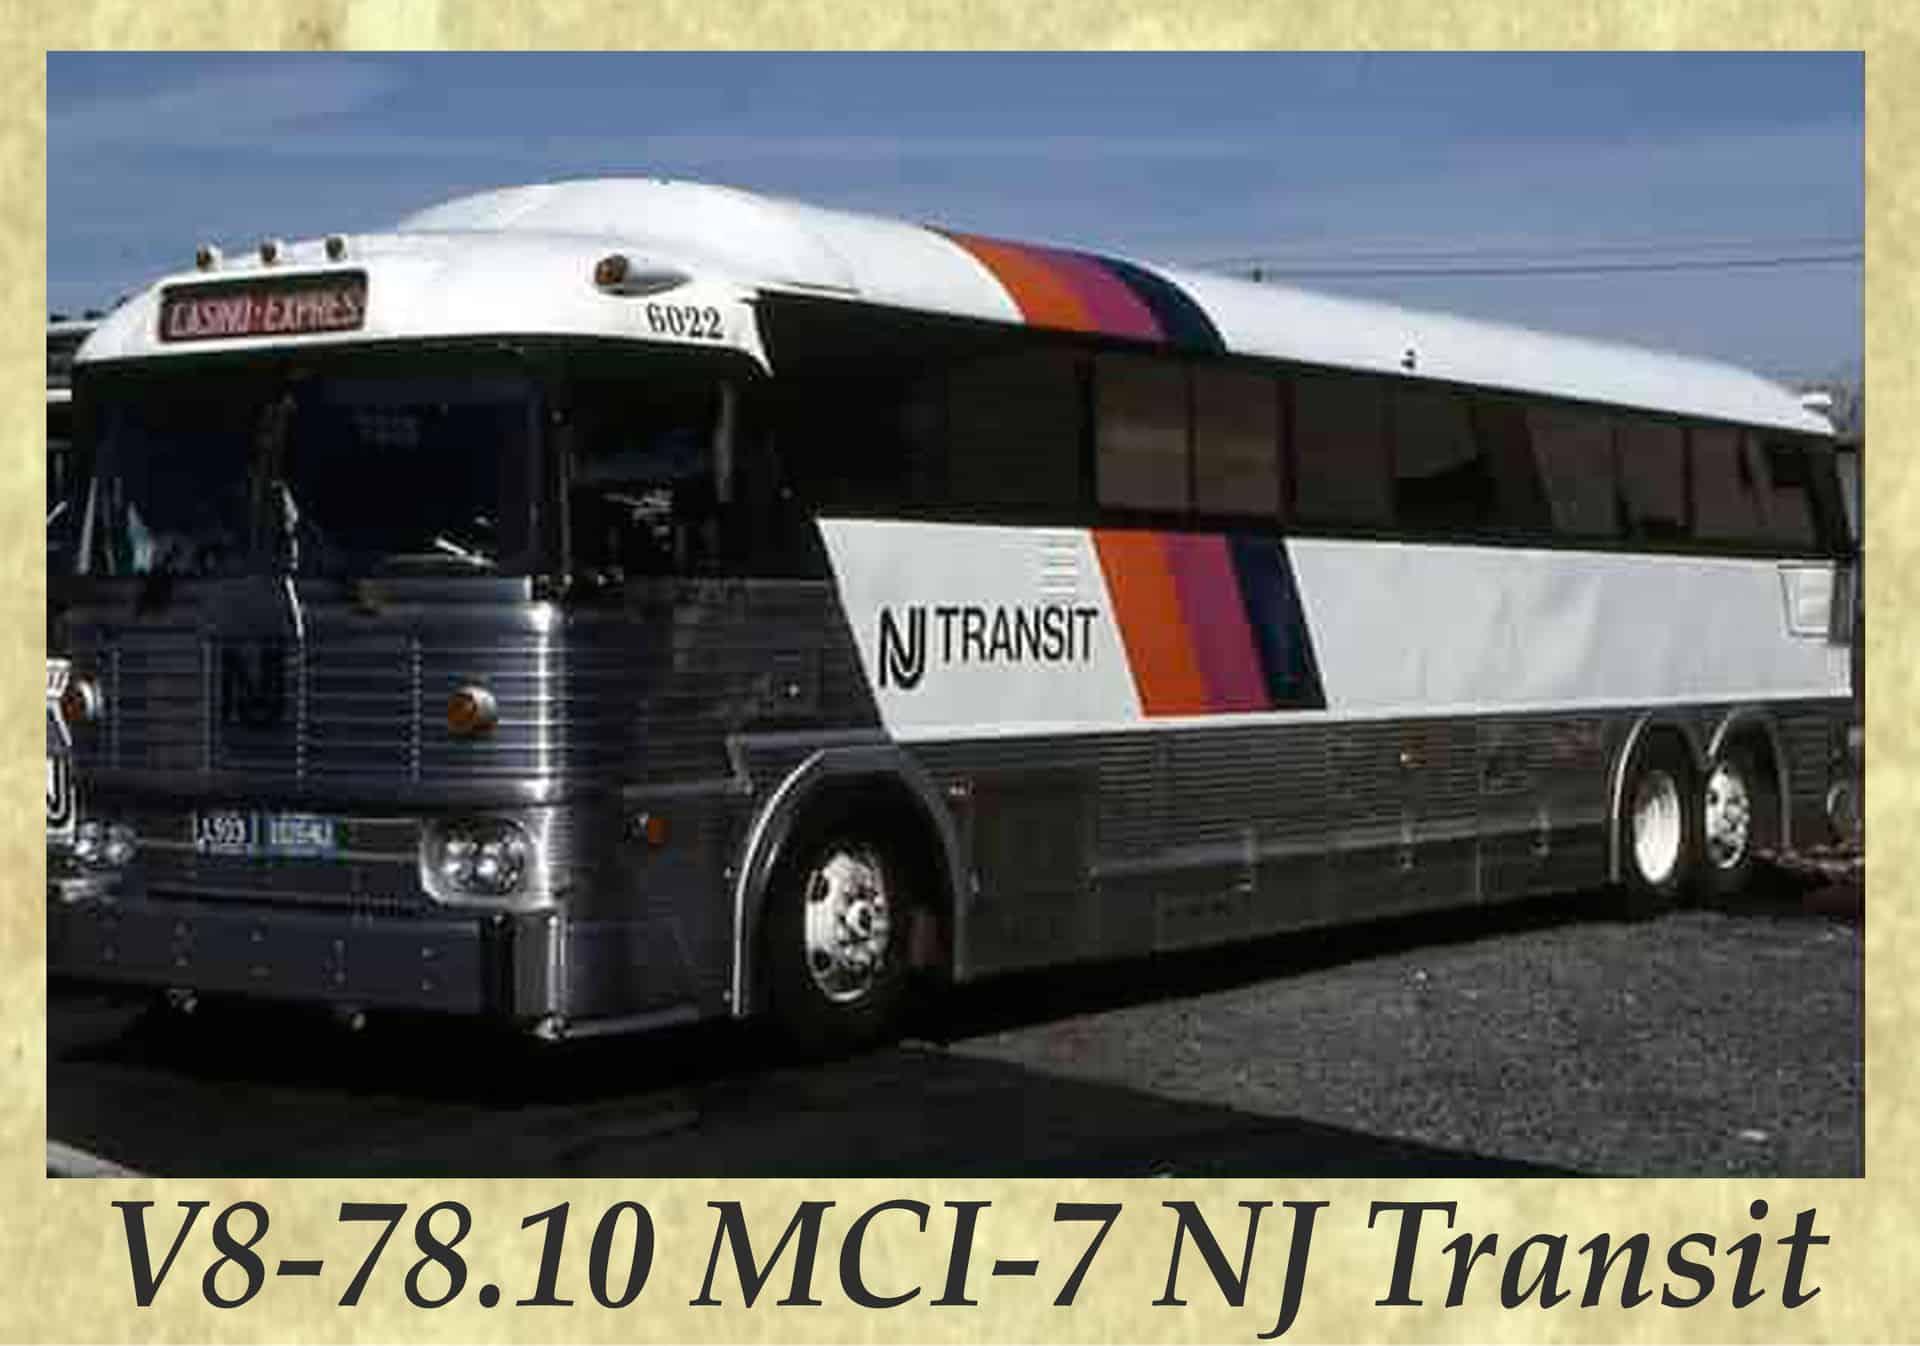 V8-78.10 MCI-7 NJ Transit